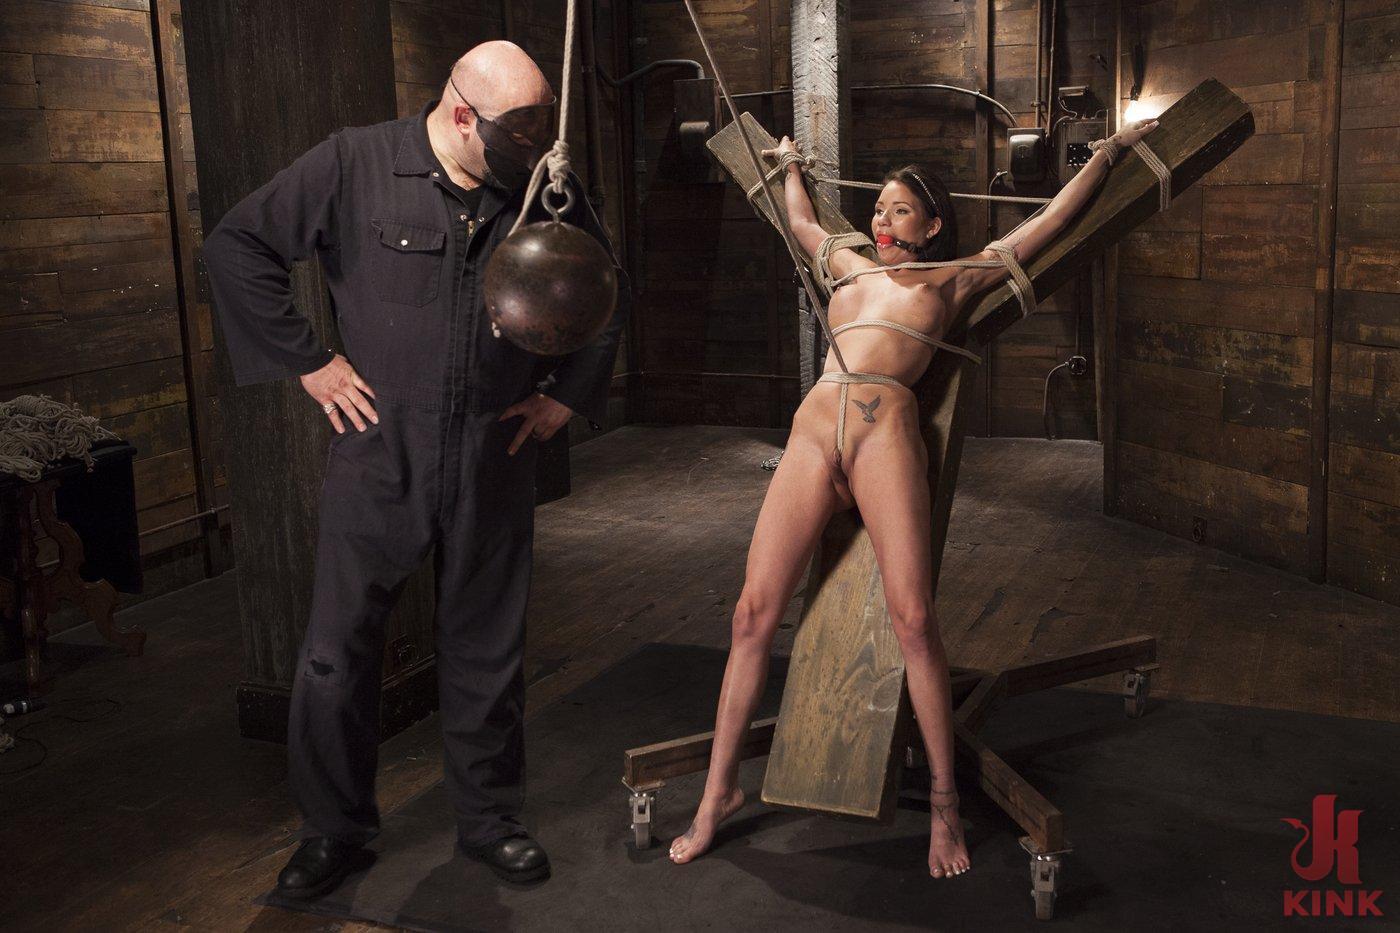 Photo number 5 from Big tit Brunette caught in brutal bondage. shot for Hogtied on Kink.com. Featuring Sgt. Major and Raven Bay in hardcore BDSM & Fetish porn.